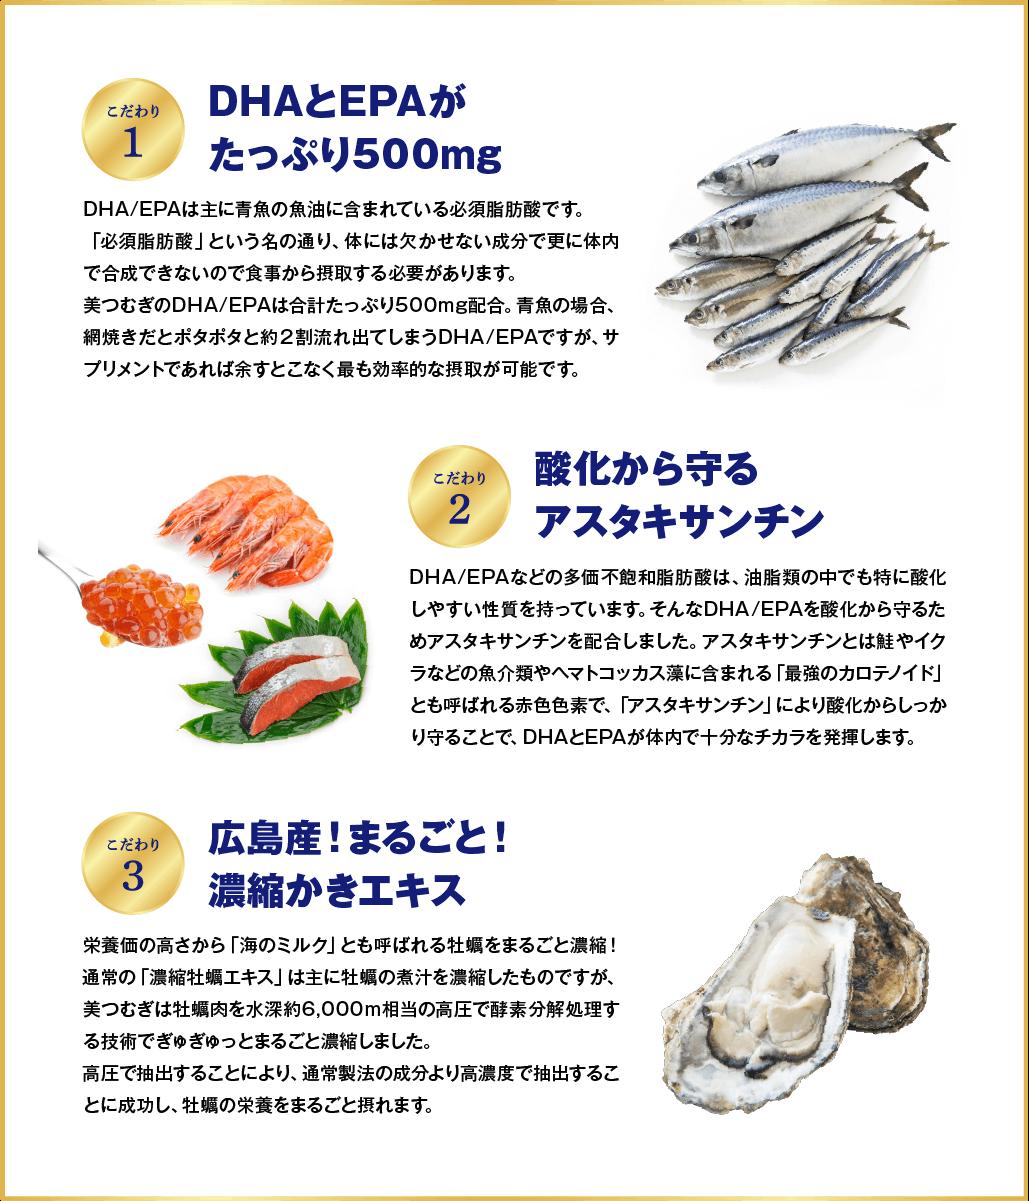 DHAとWPAがたっぷり500mg 酸化から守るアスタキサンチン 広島産!まるごと!濃縮かきエキス